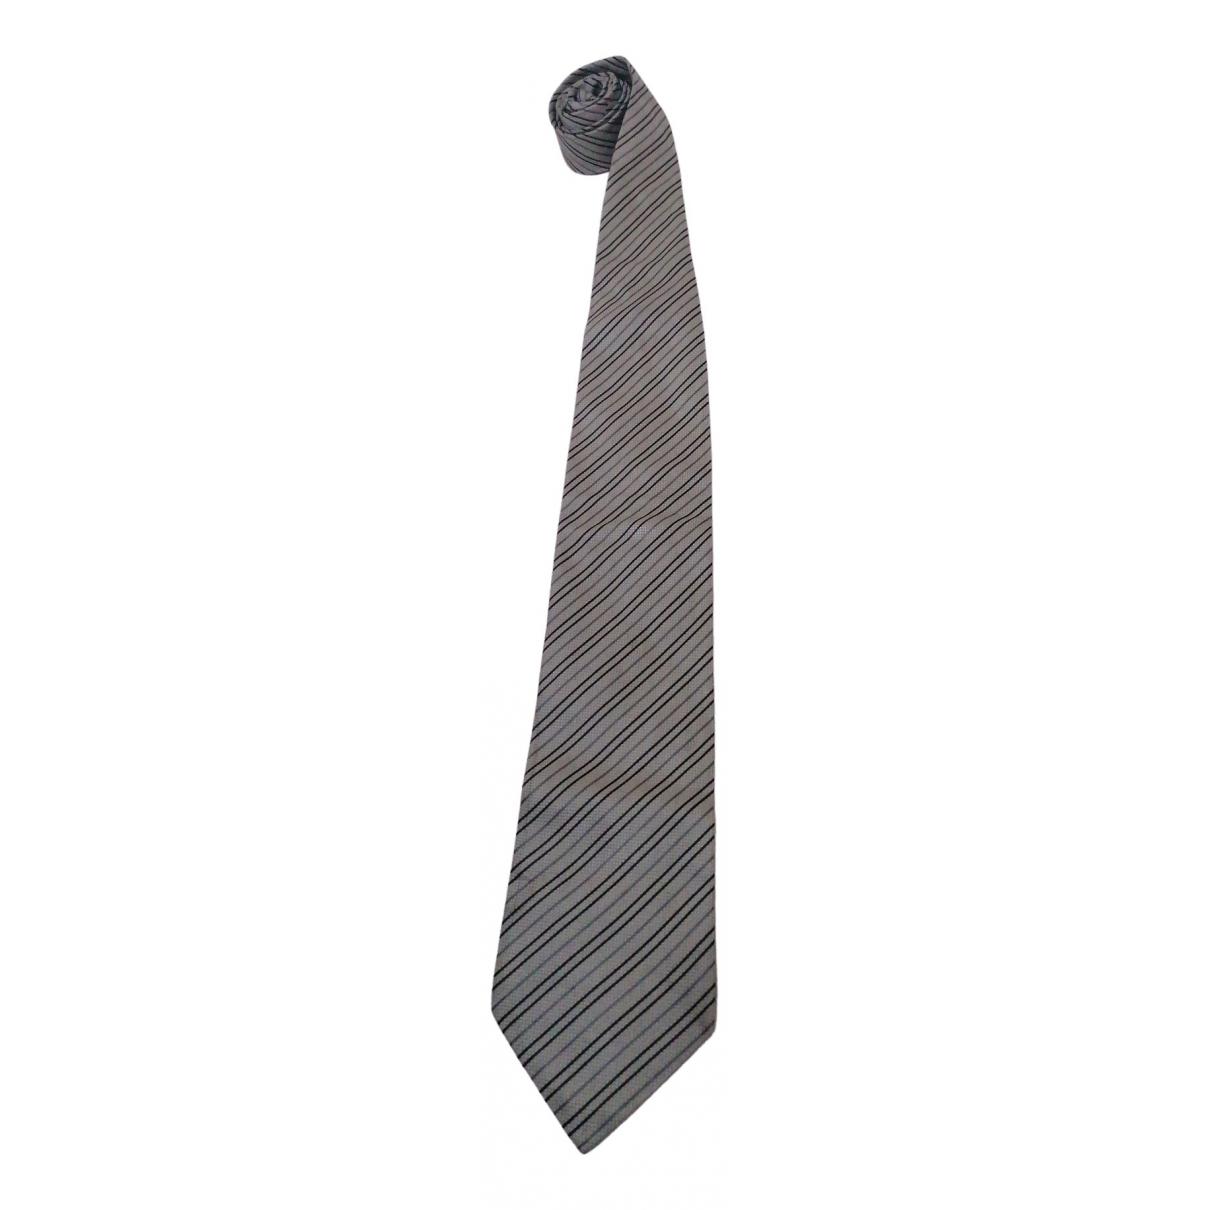 Balenciaga - Cravates   pour homme en soie - multicolore